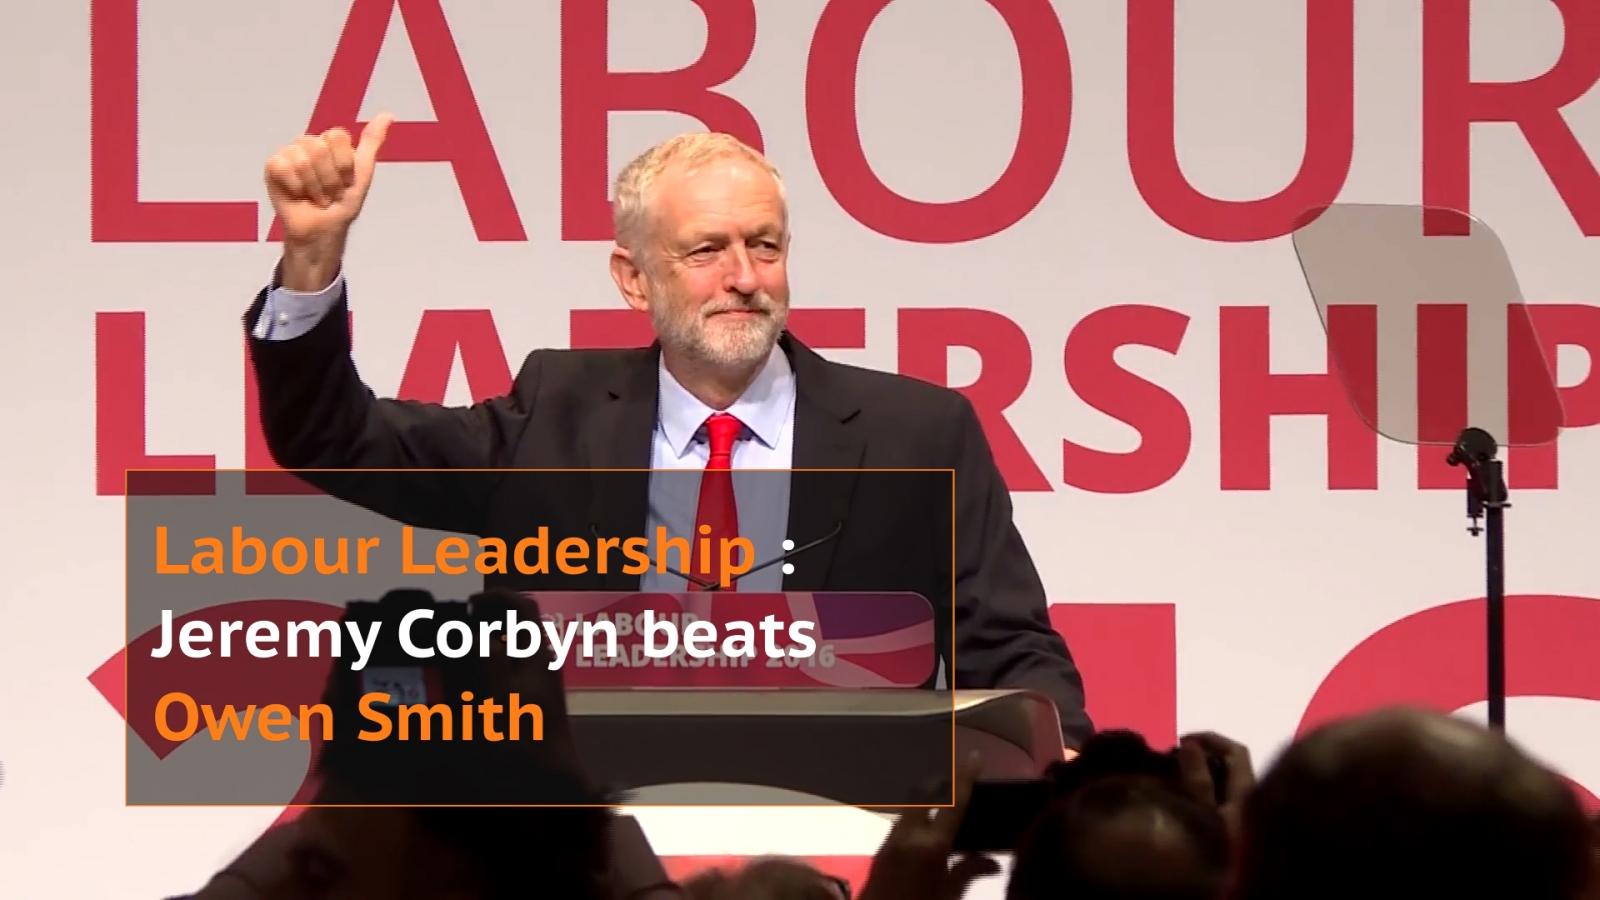 Jeremy Corbyn celebrates leadership victory